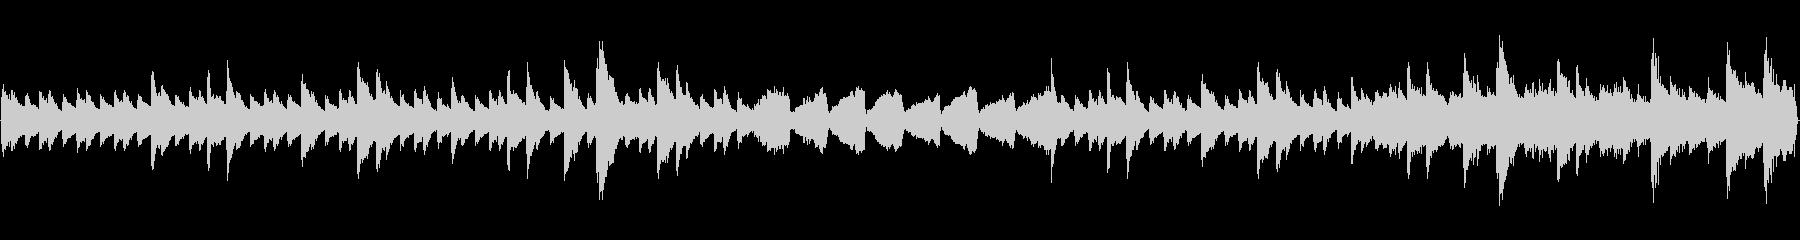 ミステリーホラーピアノオーケストラループの未再生の波形